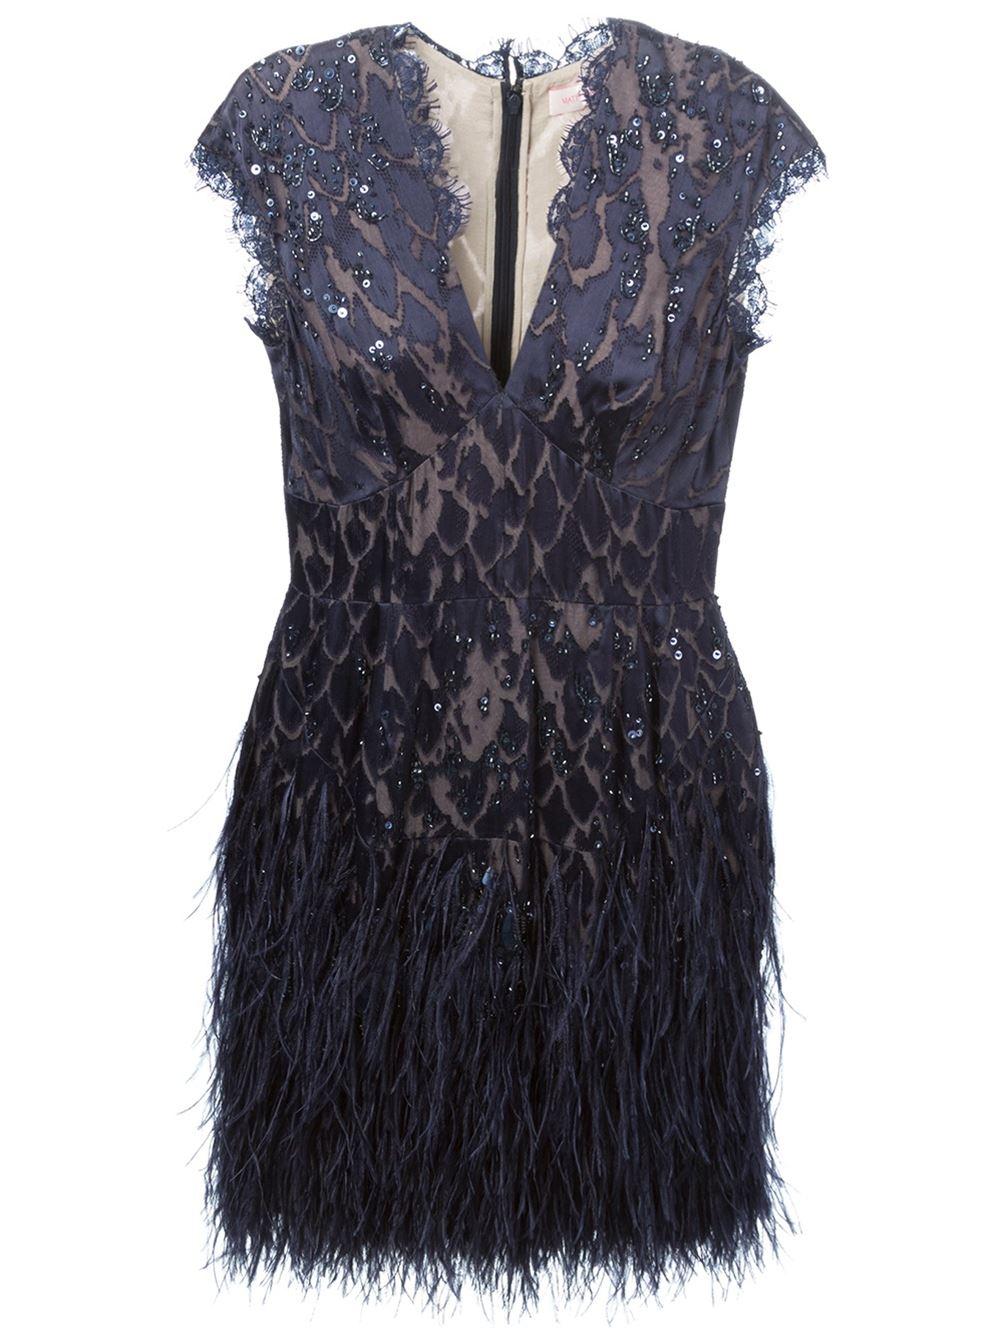 Matthew Williamson Ostrich Feather Trim Embellished Dress